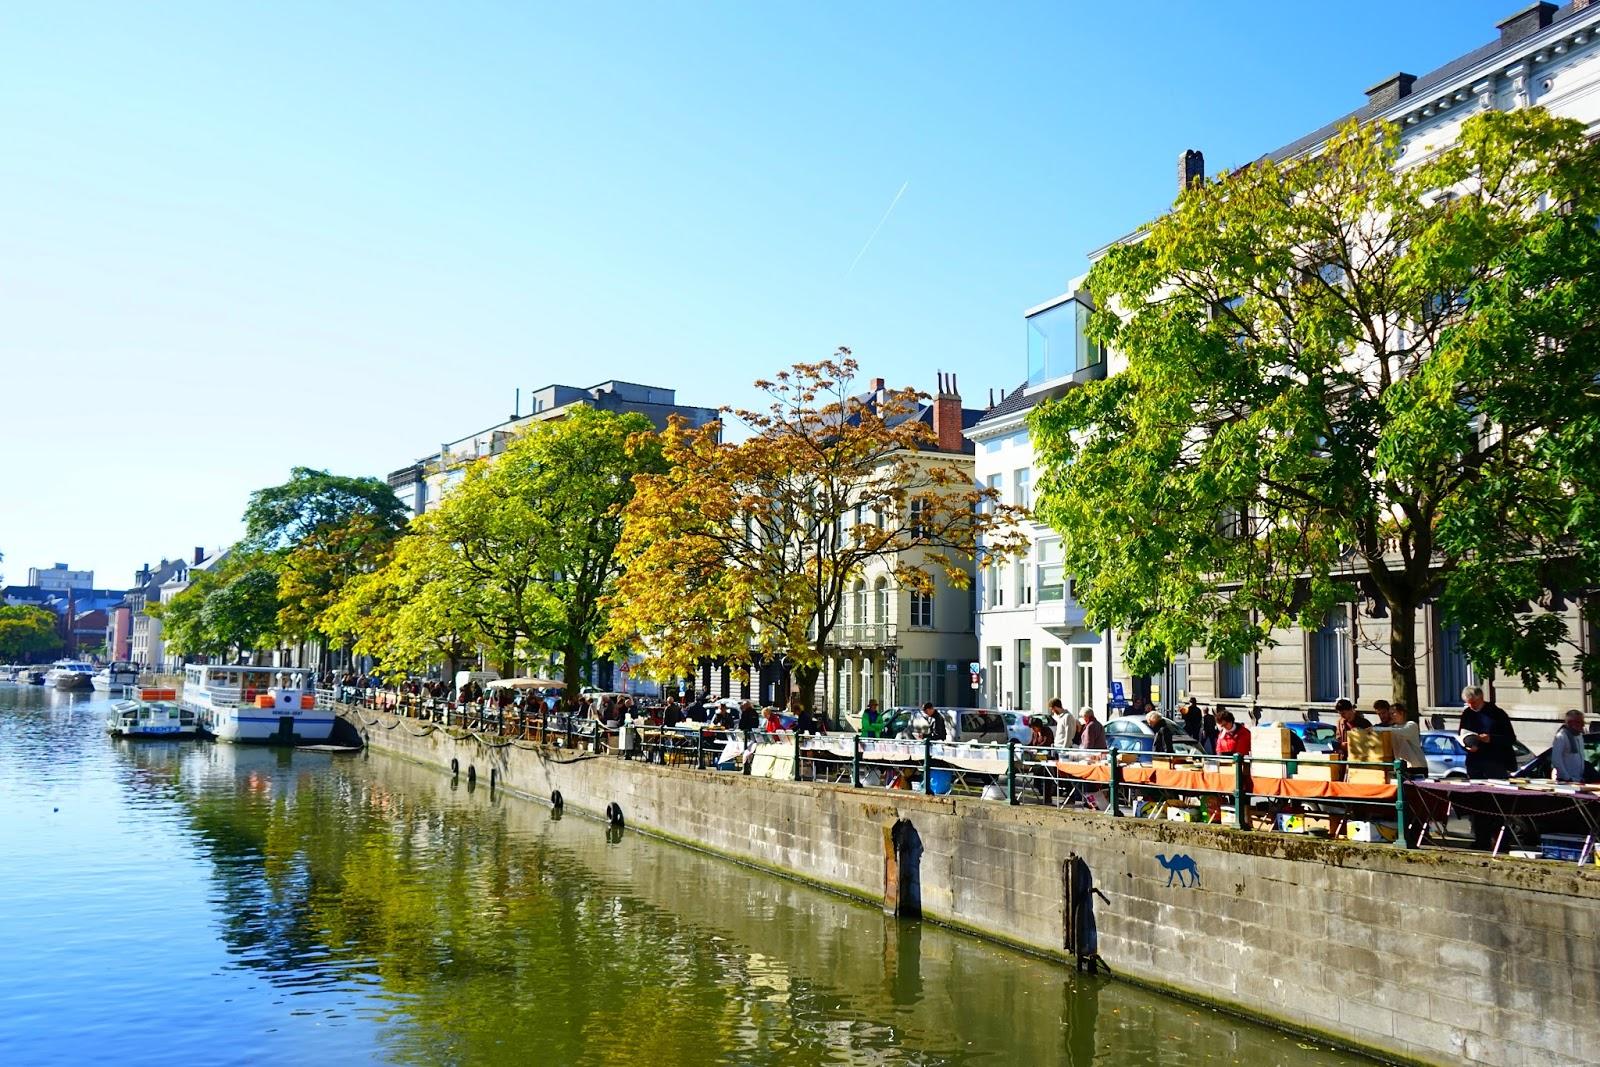 Le Chameau Bleu  - Blog Voyage Gand Belgique - Gand Tourisme - Canaux de Gand Belgique - Week end à Gand